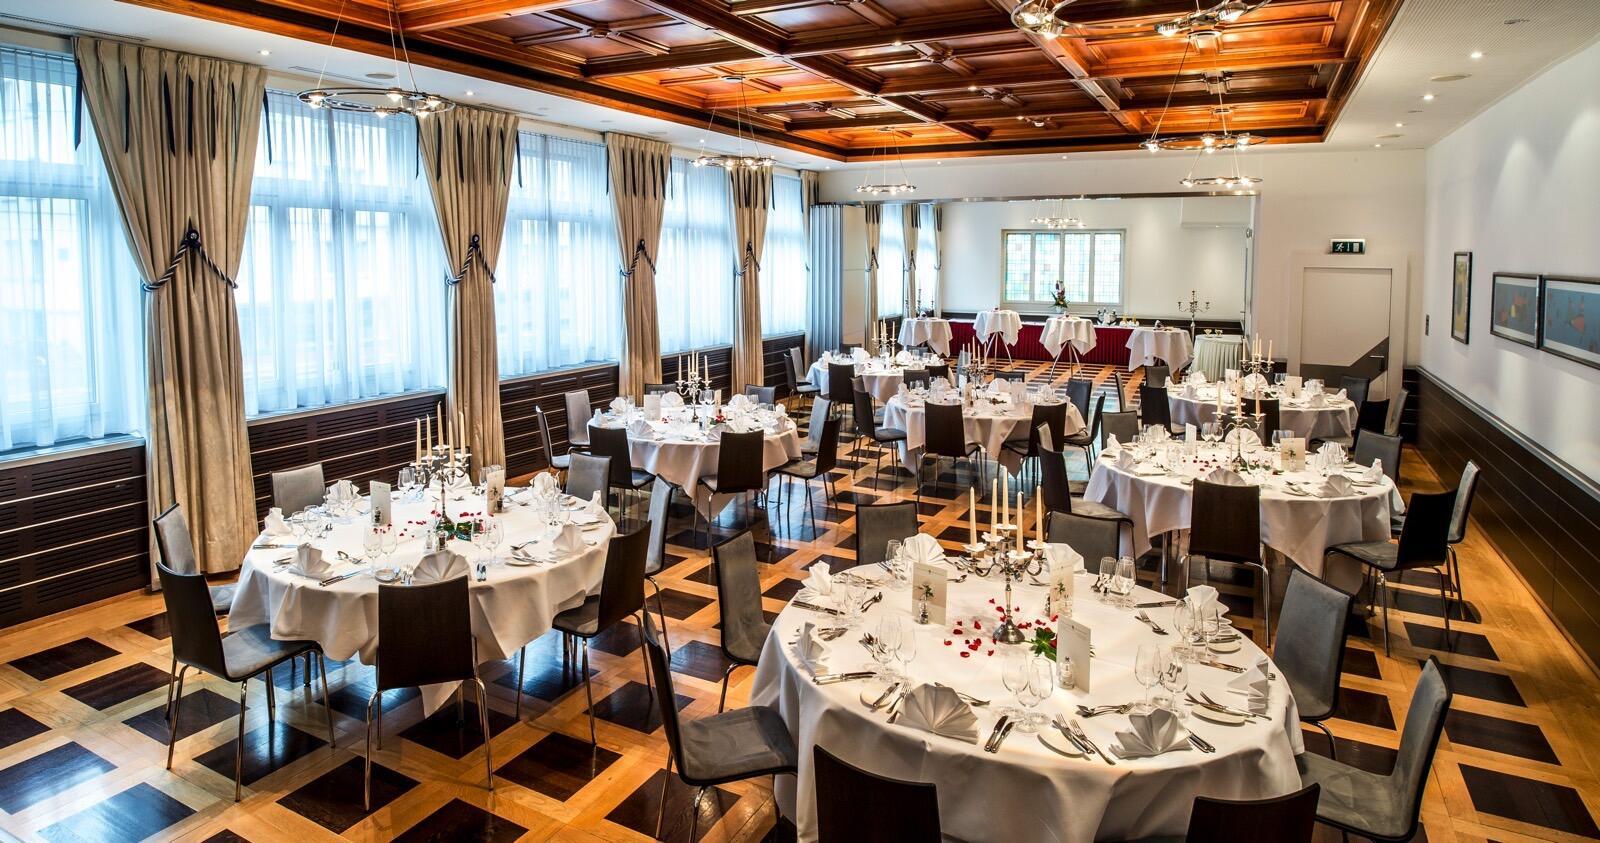 Events at Hotel Krone Unterstrass in Zurich